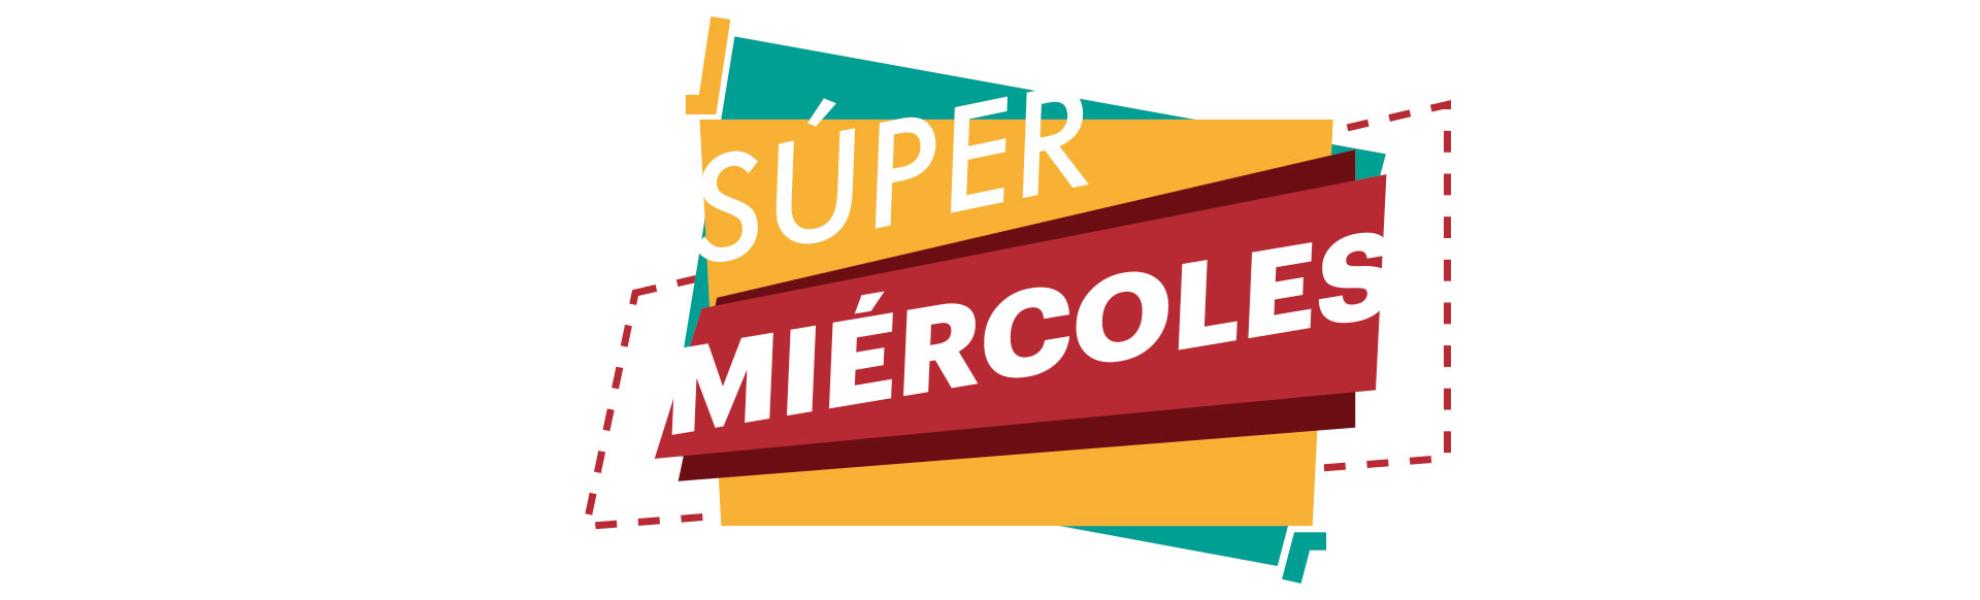 Banner-supermiercoles-rutaoutlet